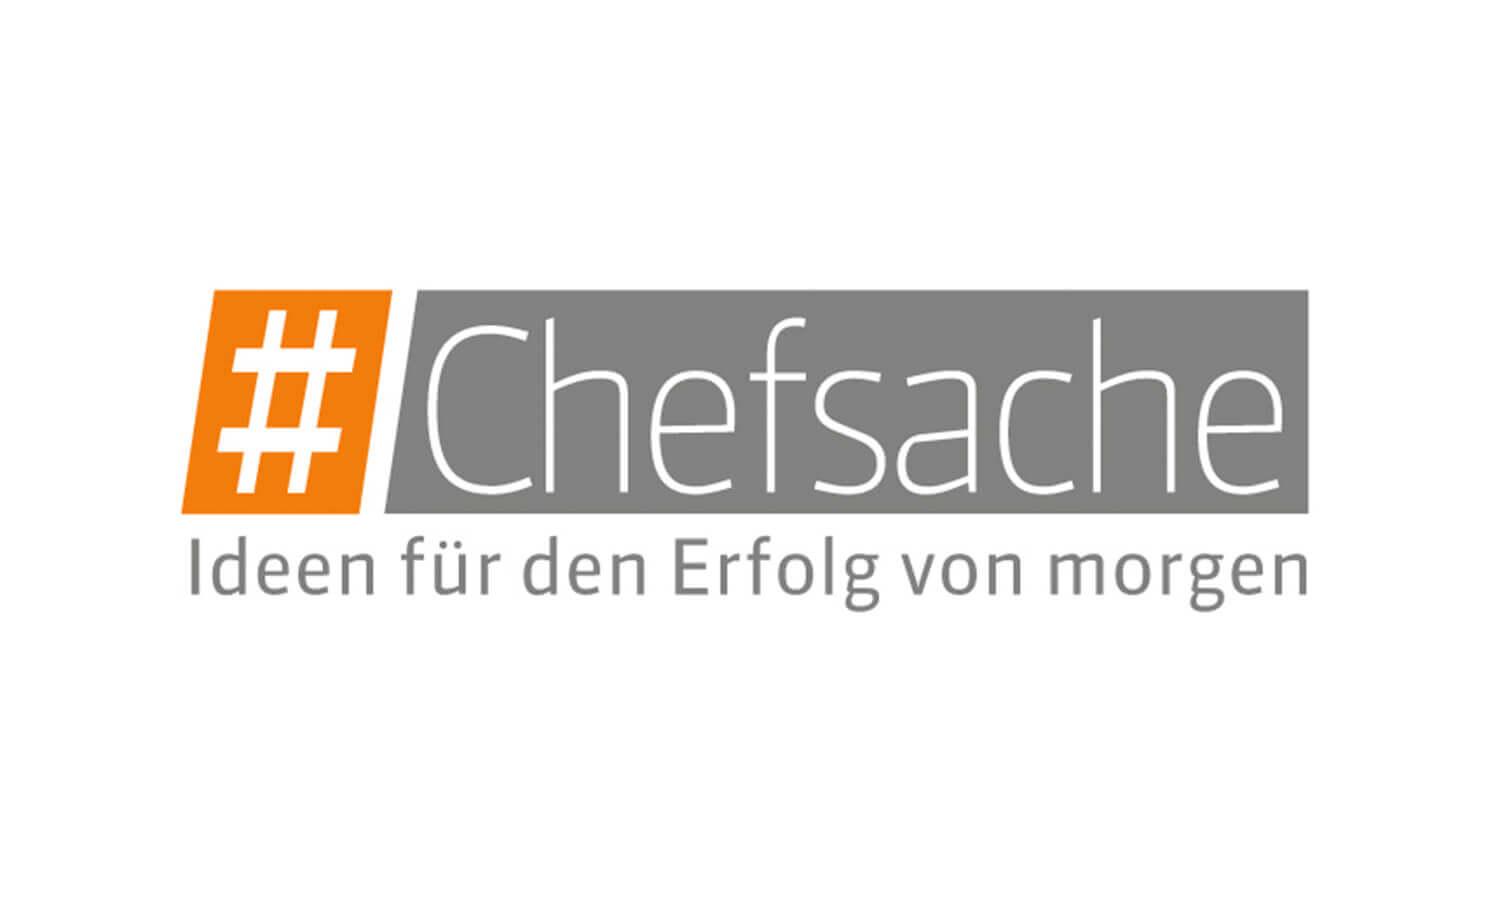 #Chefsache_digitalisierung